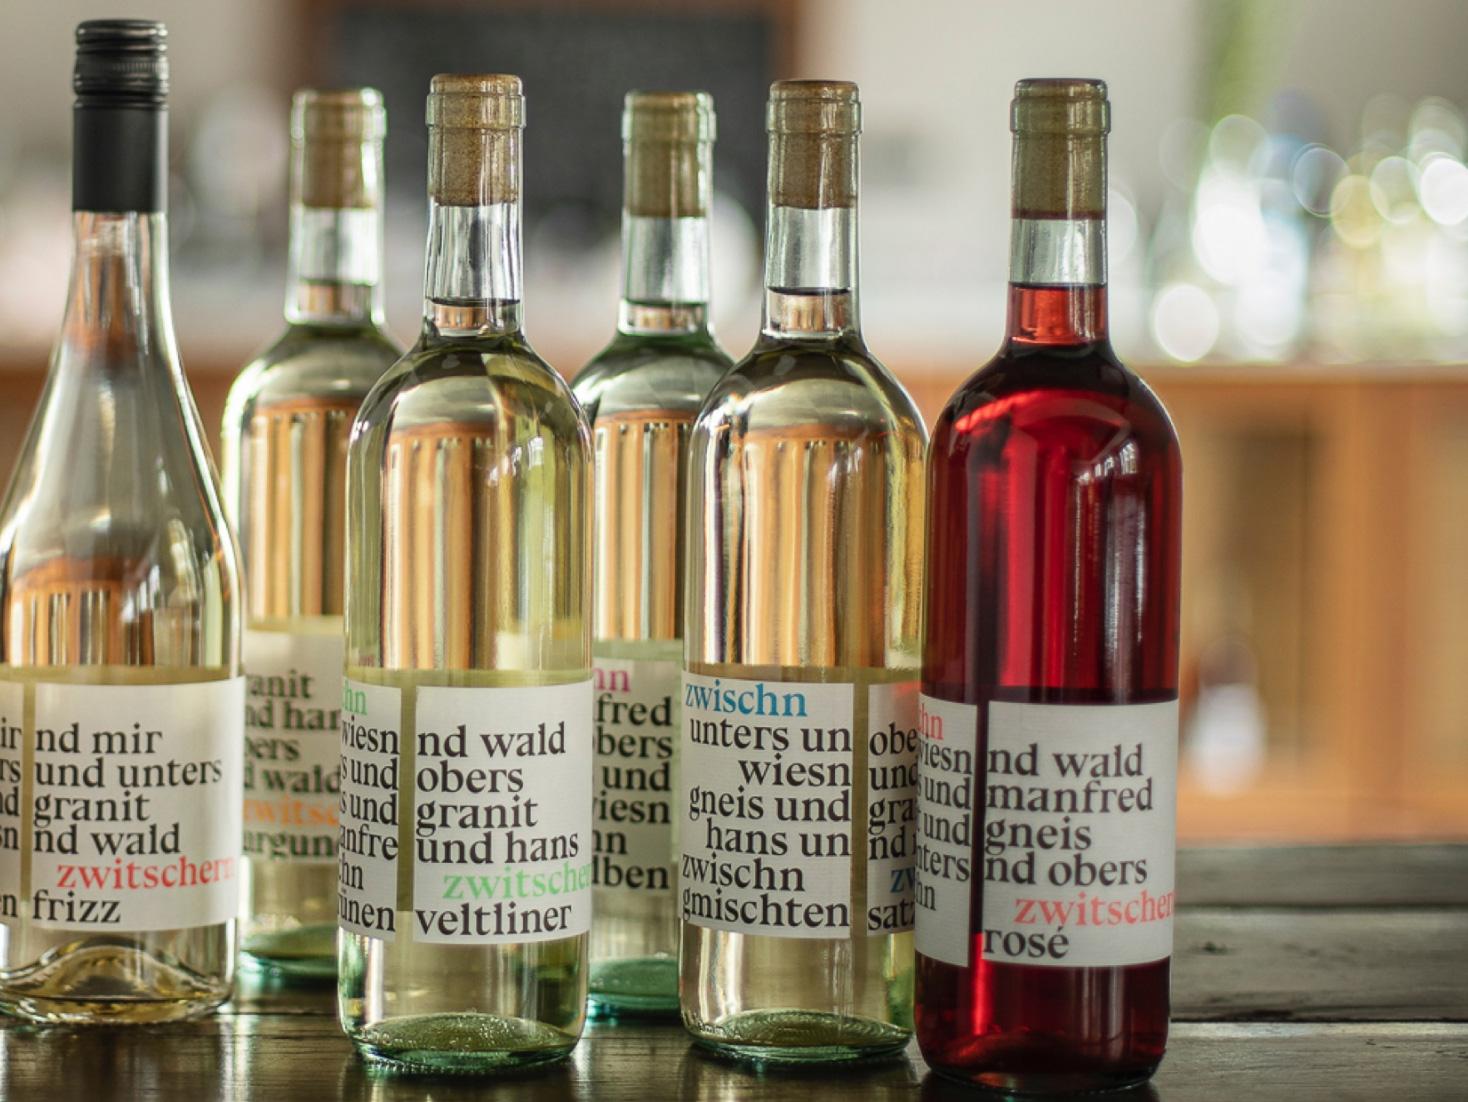 Zwischn Zwitschern Wein Weingarten Haselgraben Manfred Georg Friedl